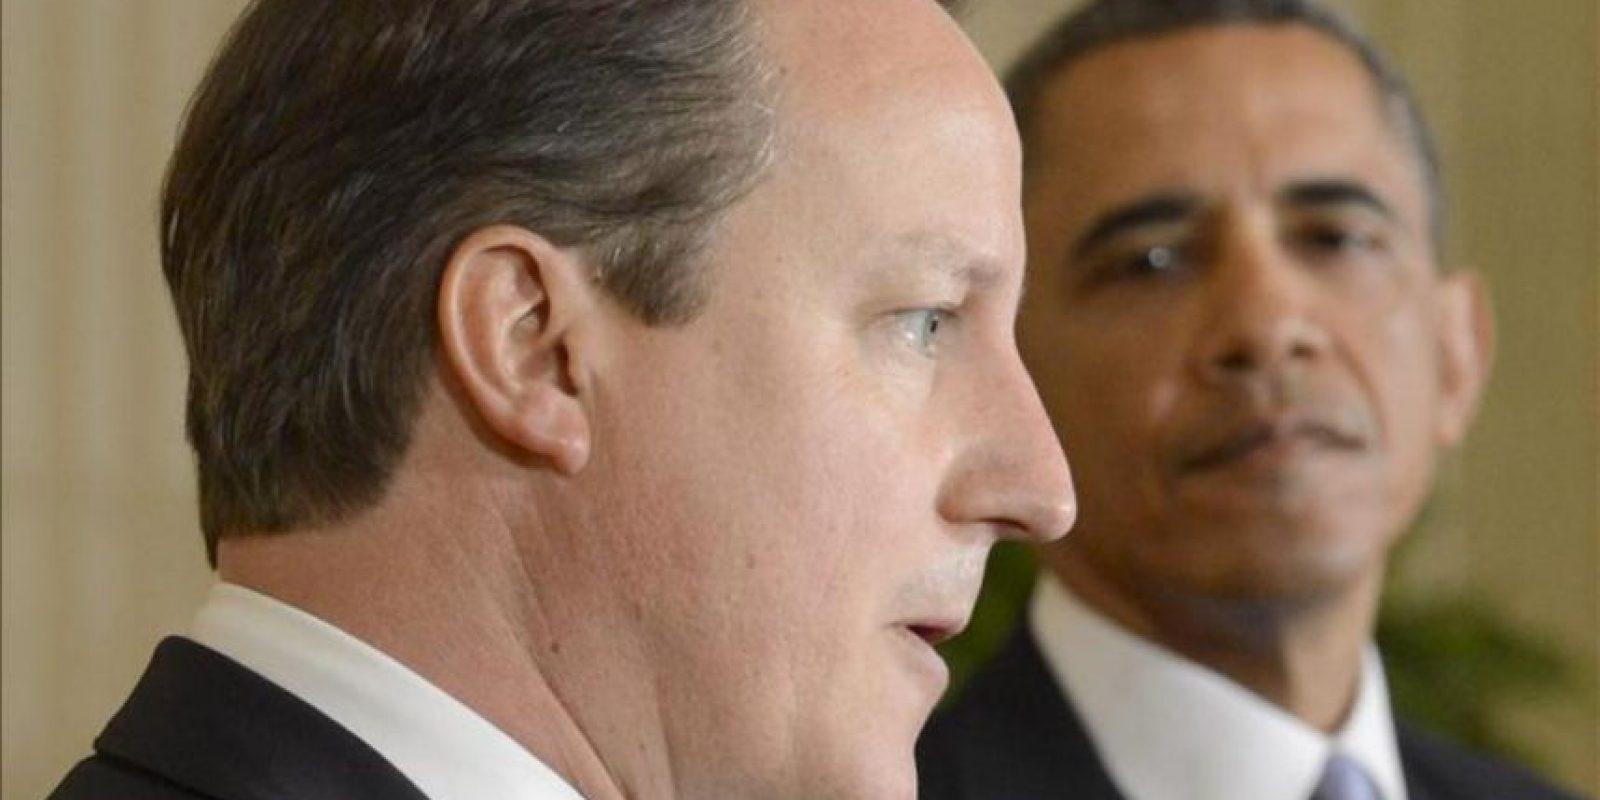 El primer ministro británico, David Cameron (i), junto al presidente de EEUU, Barack Obama, en una imagen de archivo. EFE/Archivo